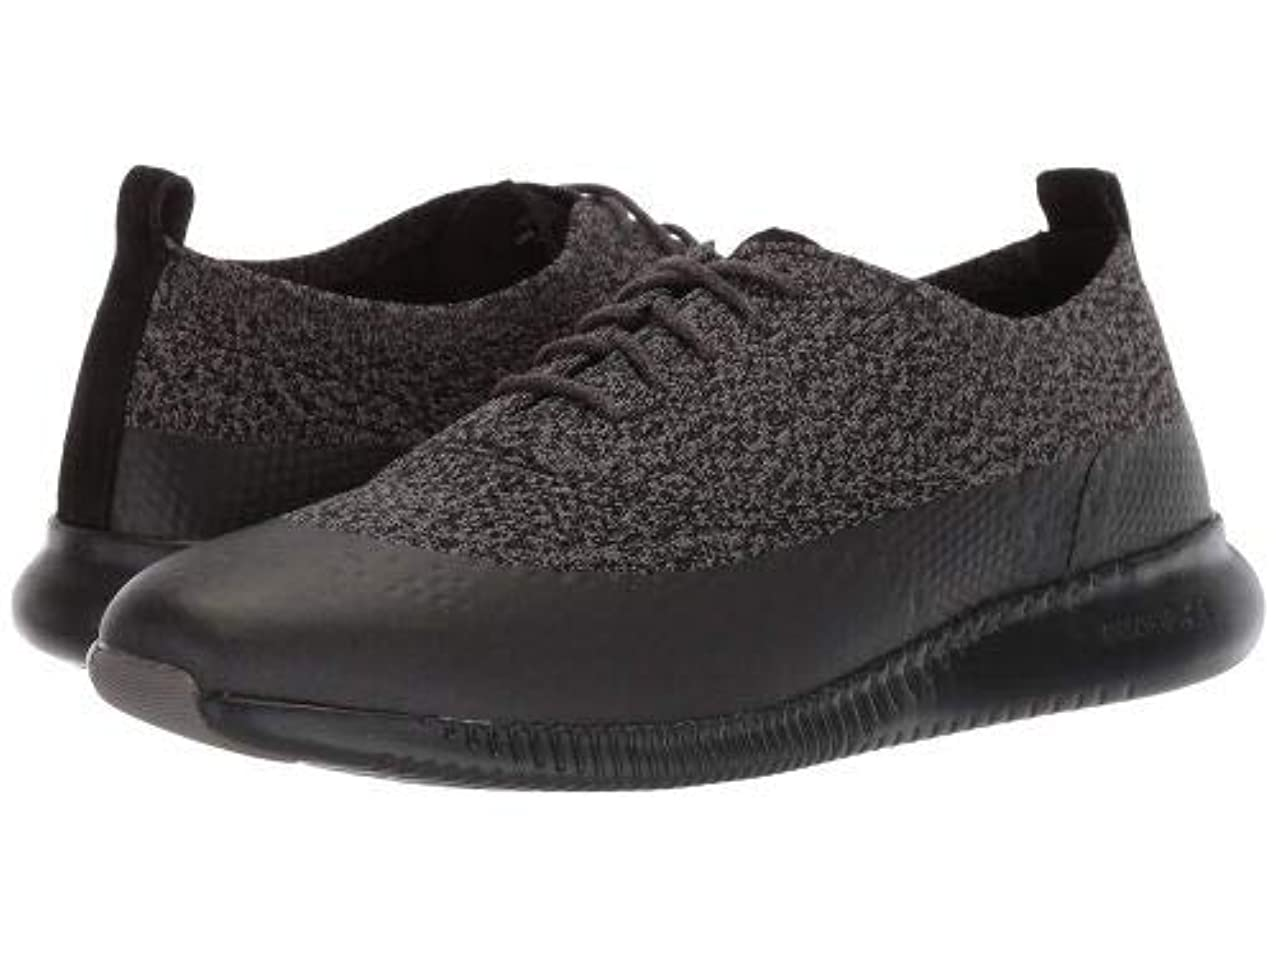 学校納得させる制限Cole Haan(コールハーン) レディース 女性用 シューズ 靴 スニーカー 運動靴 2.Zerogrand Stitchlite Oxford Water Resistant - Black/Stormcloud Knit [並行輸入品]